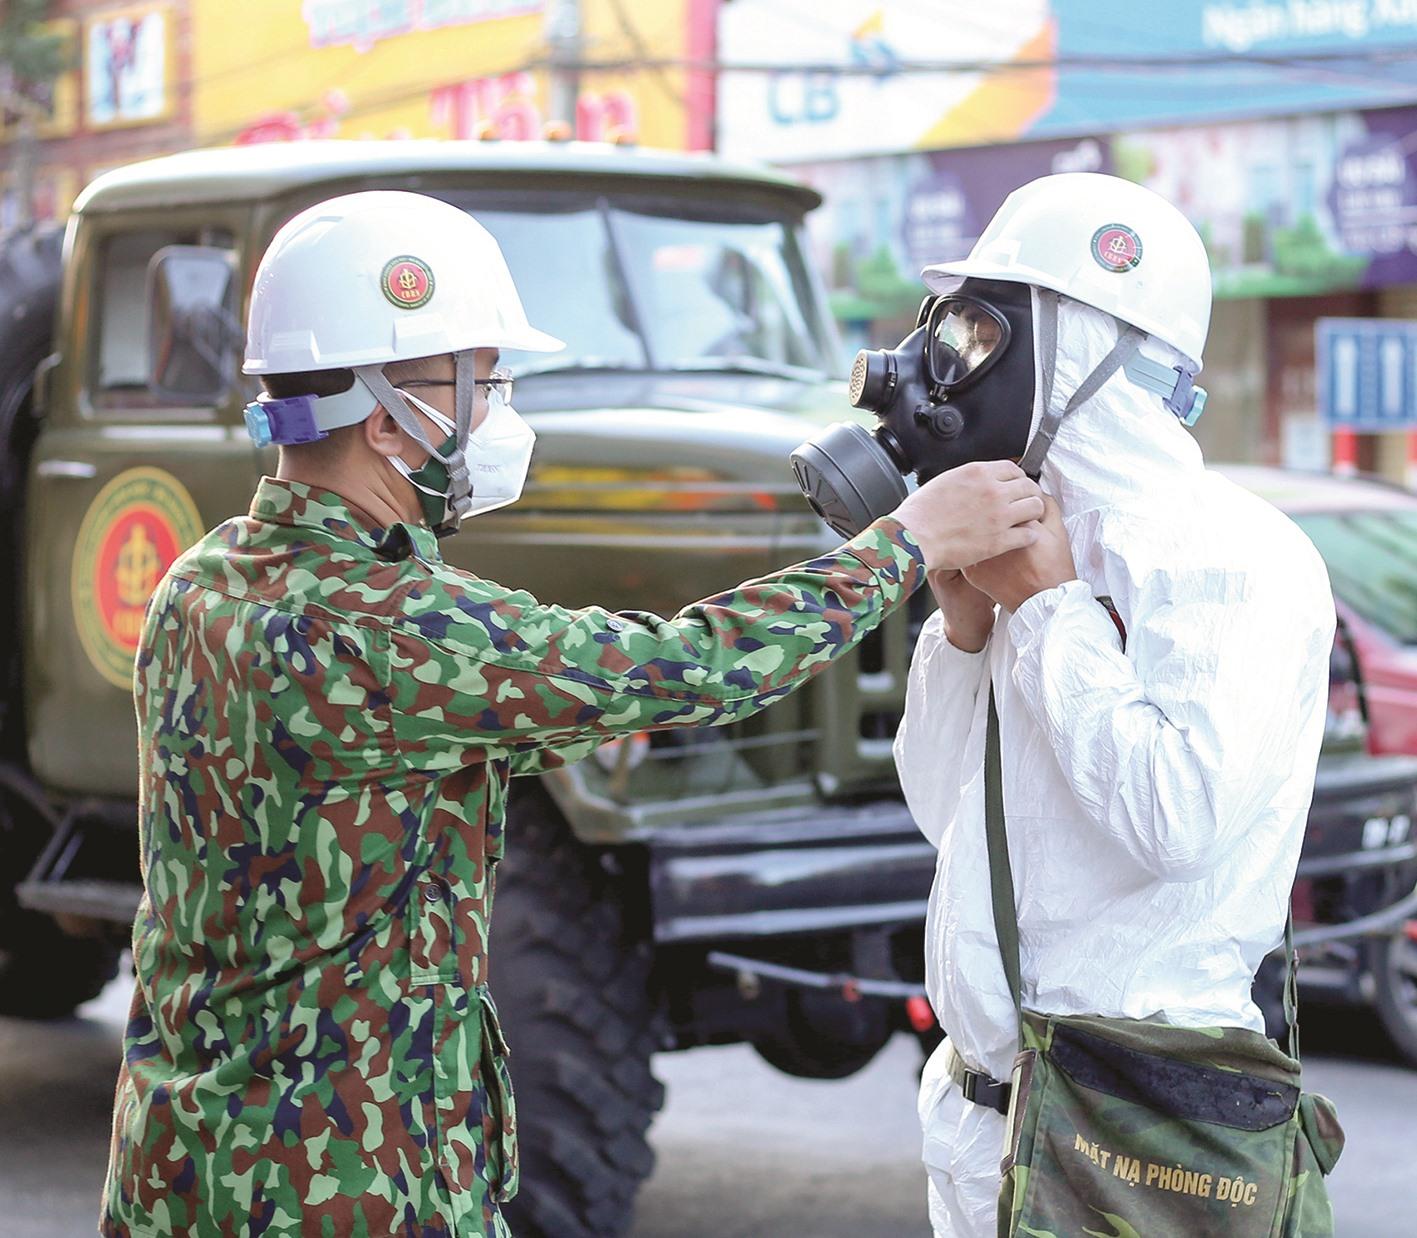 Giúp nhau mang đồ bảo hộ trước khi vào khu vực phun hóa chất.